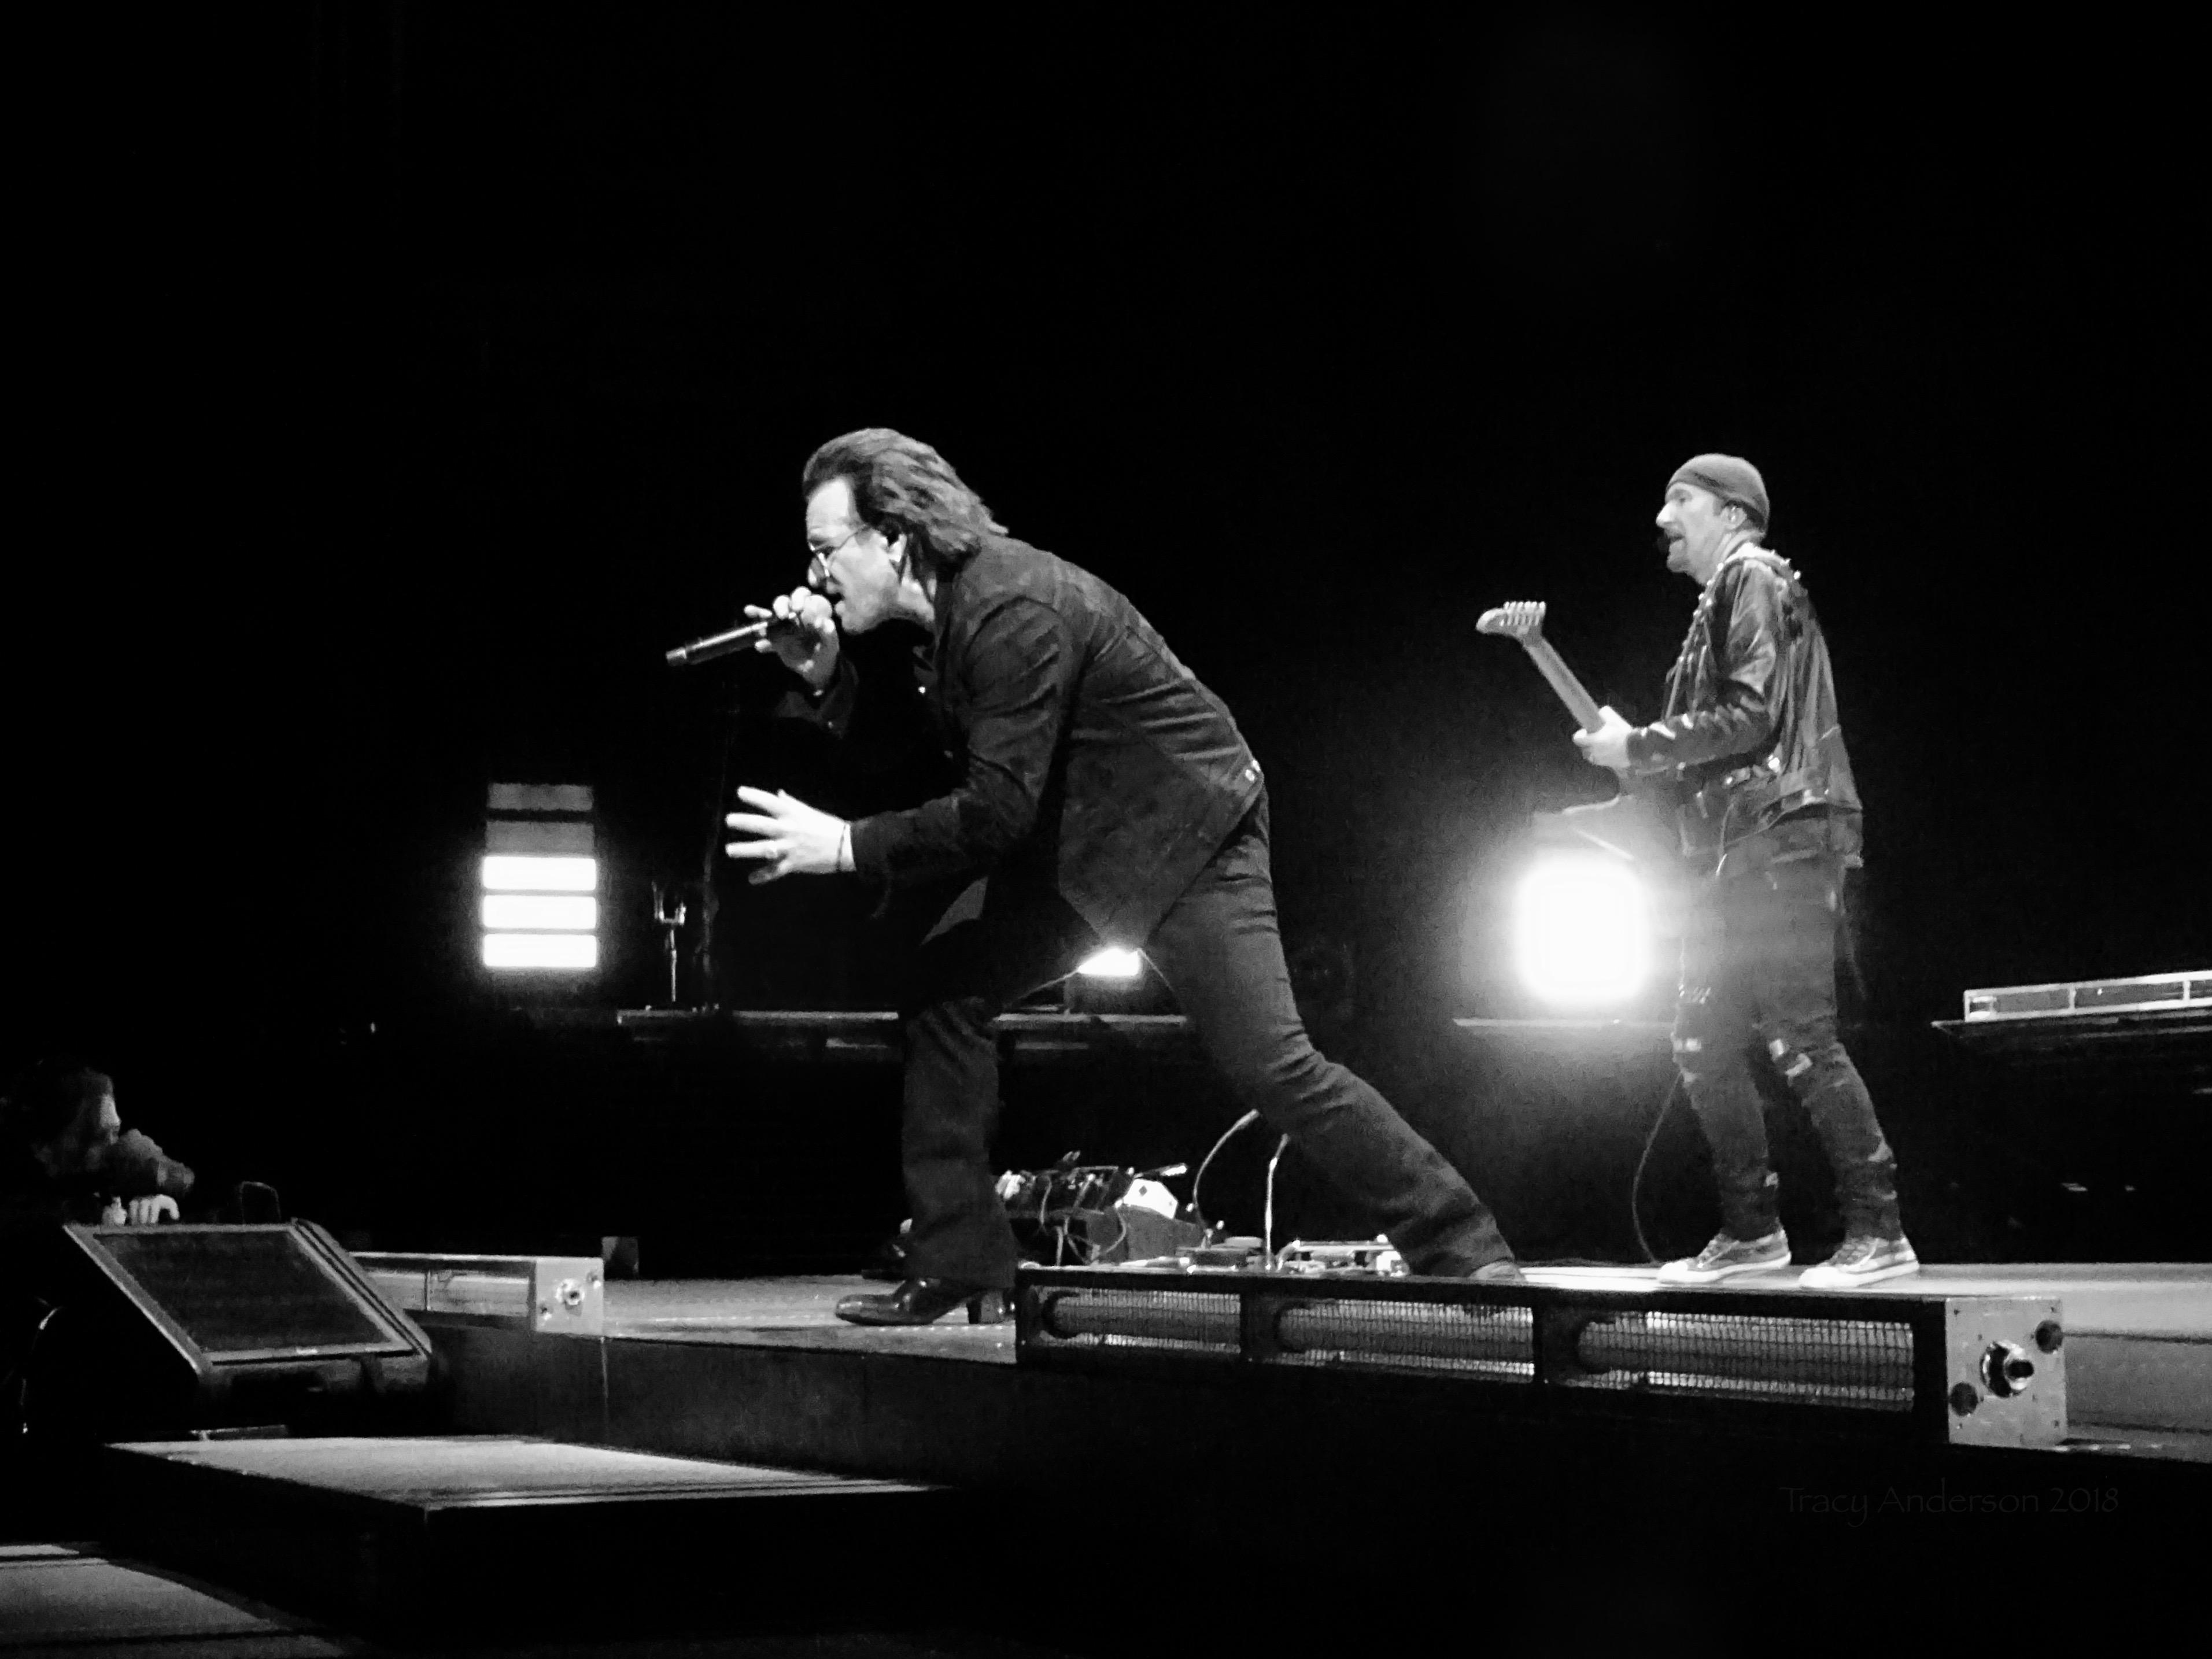 Bono Edge B&W U2 Dublin 3 3Arena Nov 9 2018